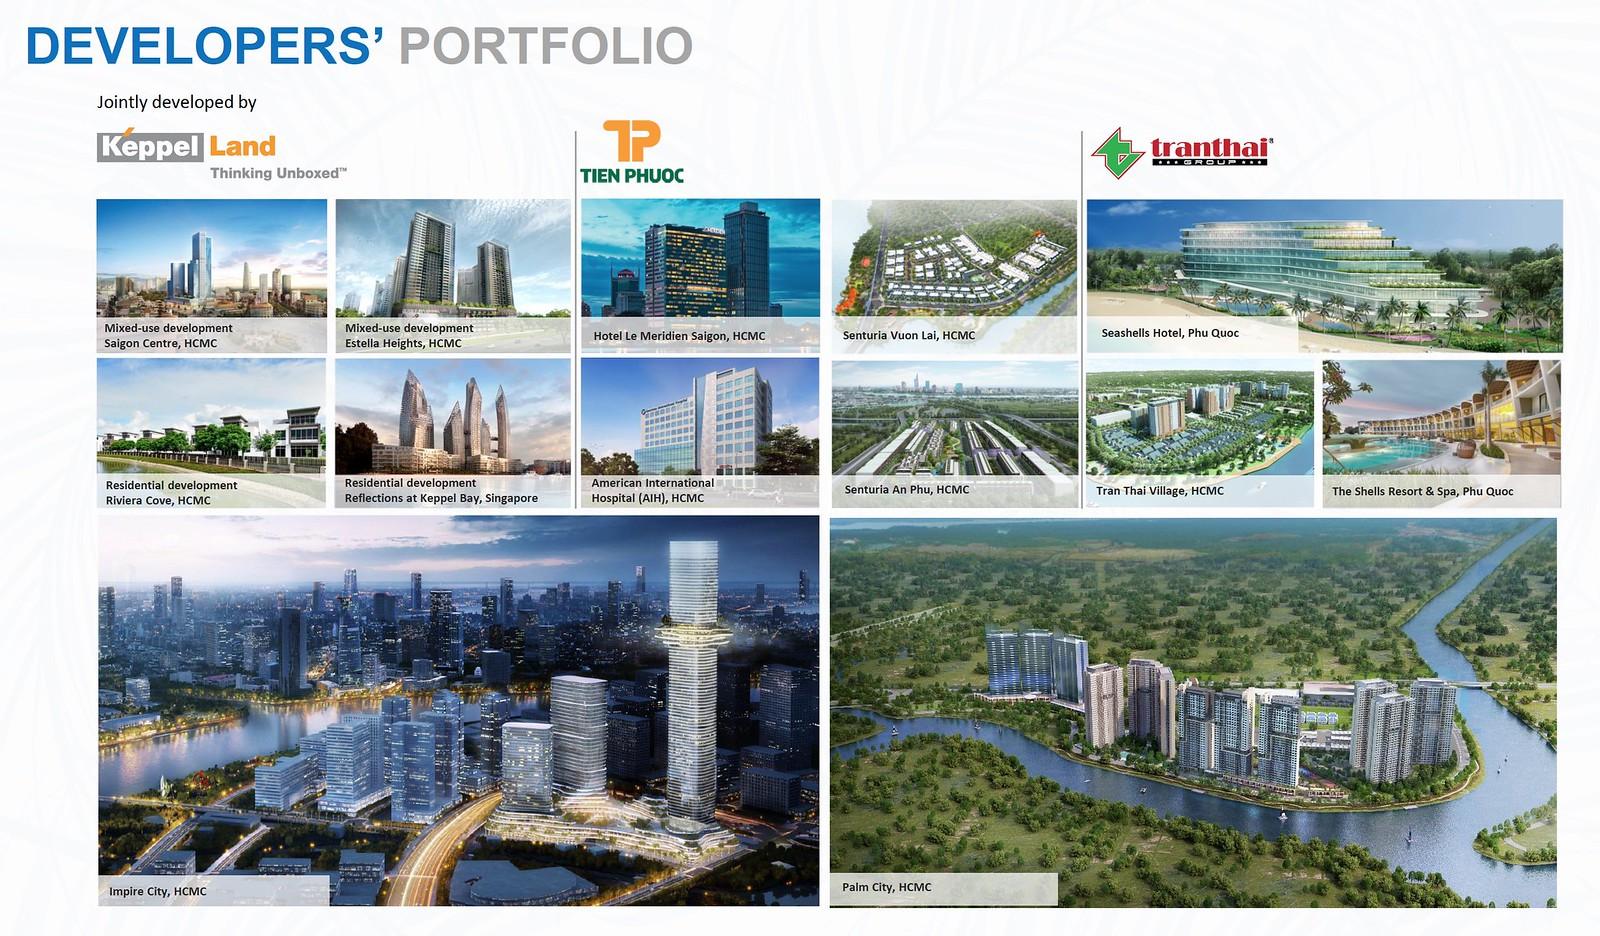 Palm Garden Quận 2 - Căn hộ Singapore Keppel Land 2